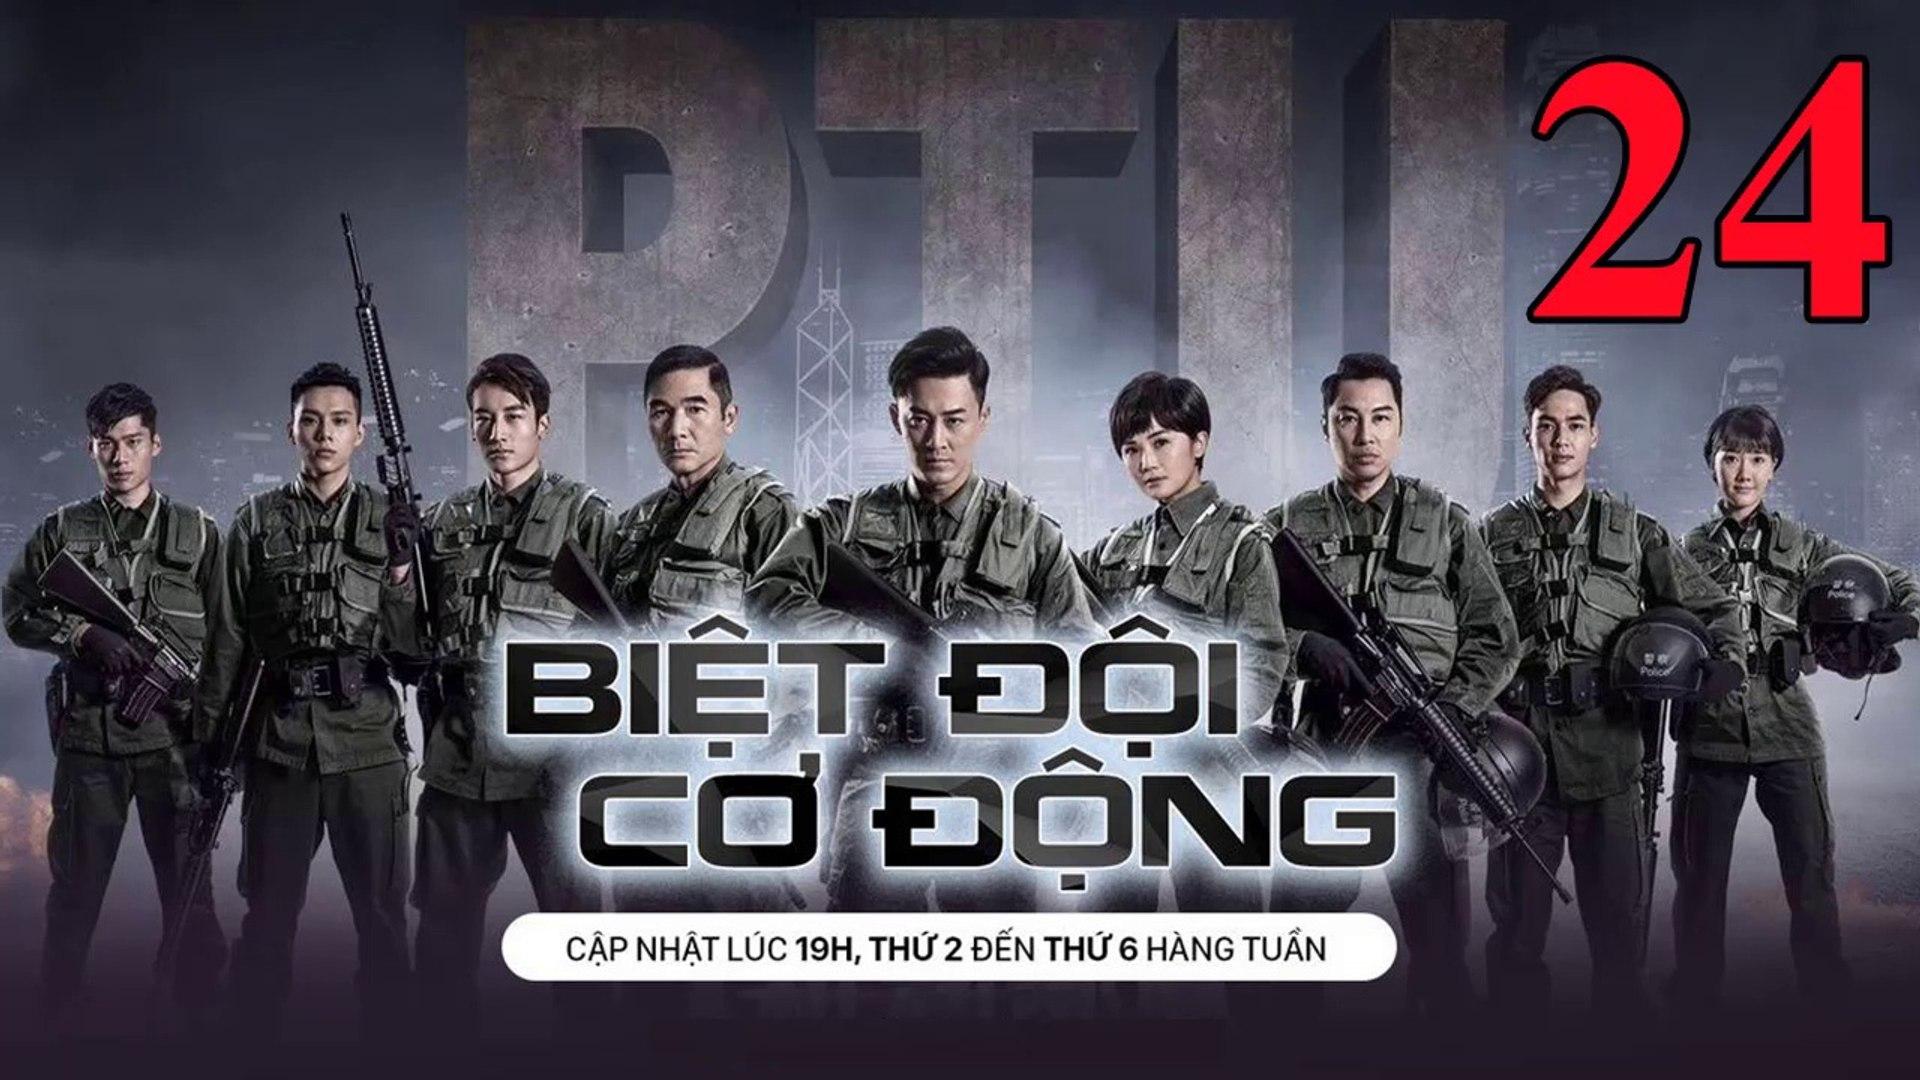 Phim Hành Động TVB: Biệt Đội Cơ Động Tập 24 Vietsub | 机动部队 Police Tactical Unit Ep.24 HD 2019